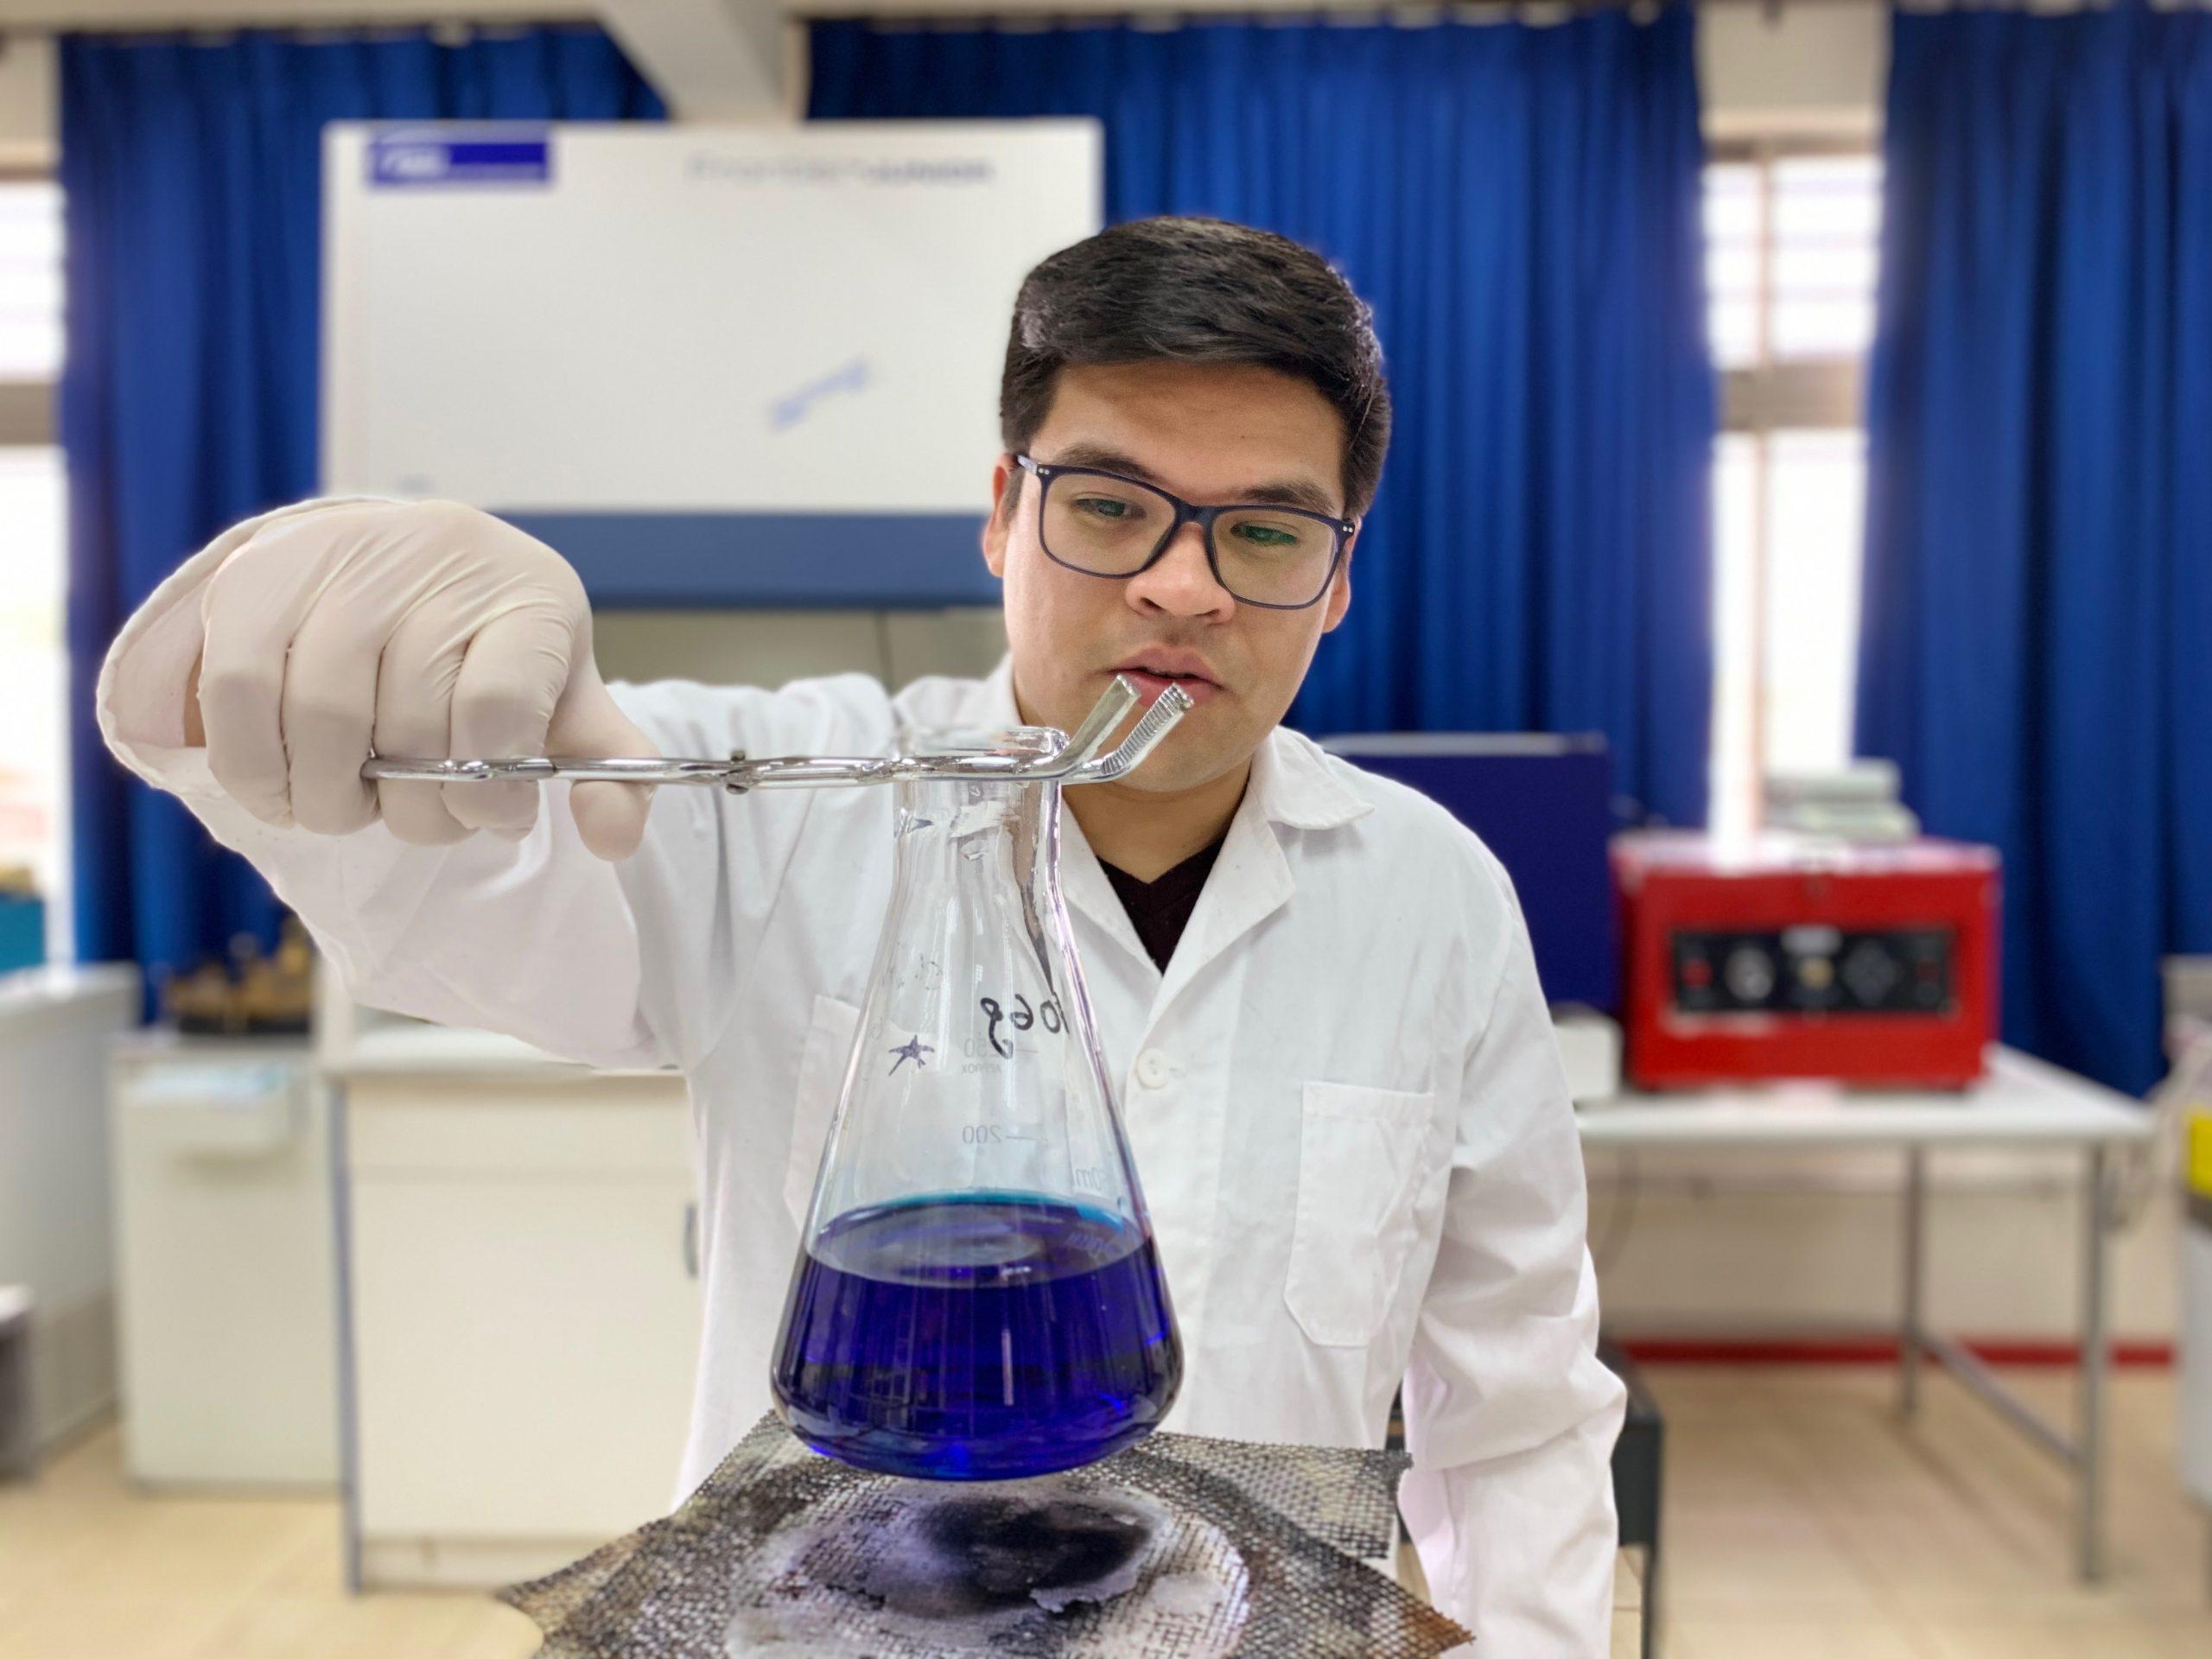 Estudiante en un laboratorio de química realizando un experimento